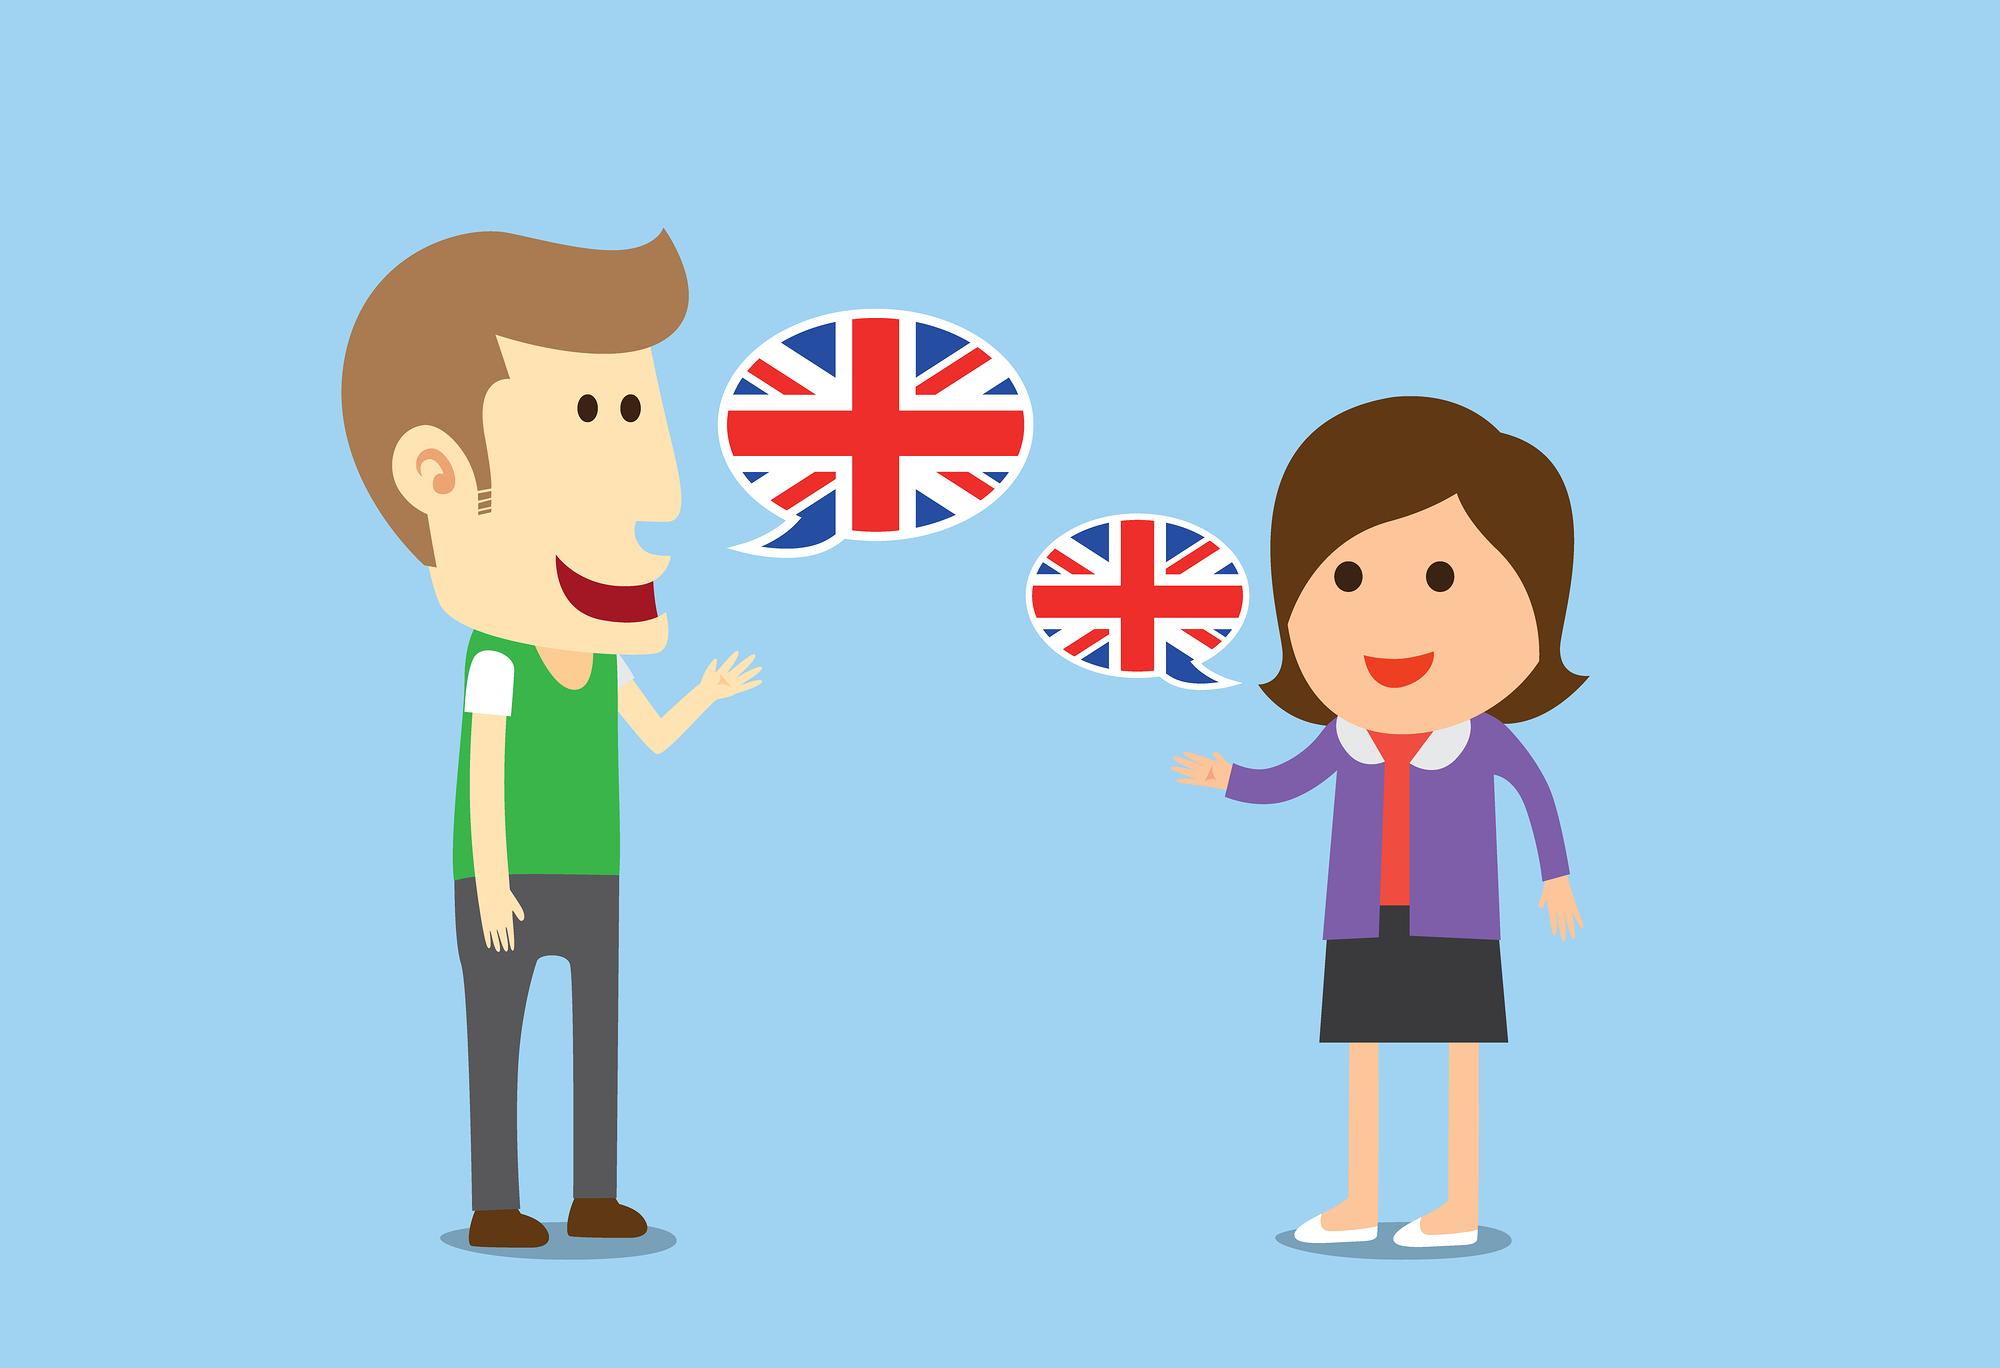 انگلیسی در خانه -1